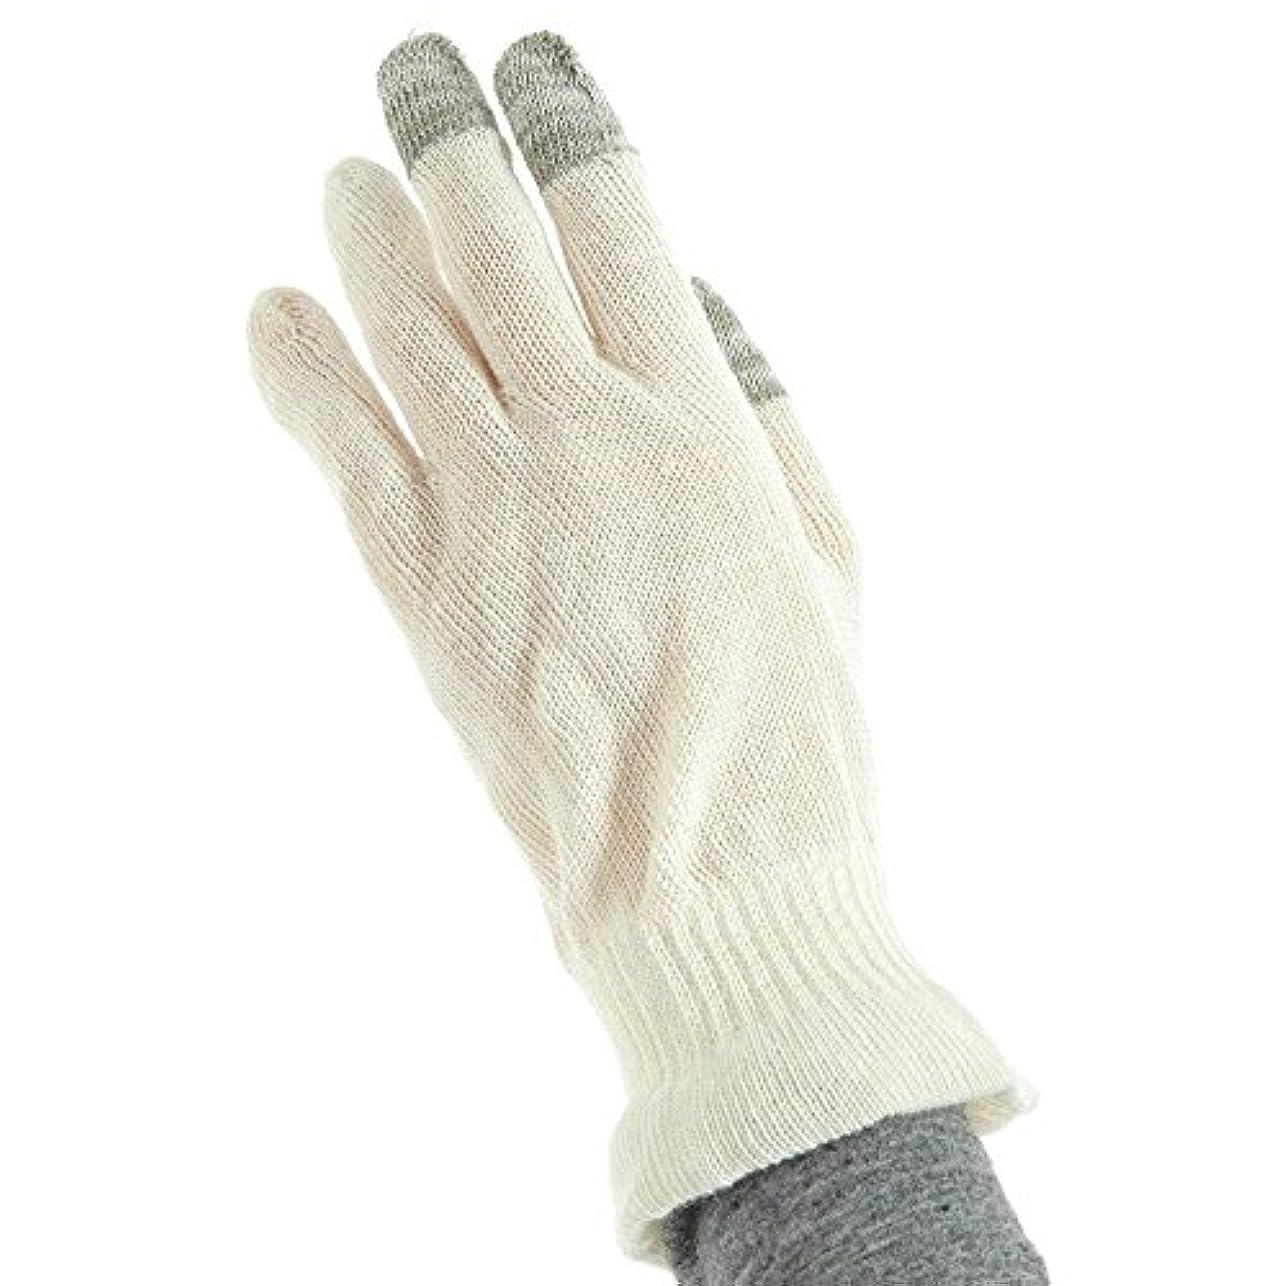 トラックカフェテリアのぞき穴麻福 ヘンプ おやすみ 手袋 スマホ対応 男性用 L きなり 天然 ヘンプ素材 (麻) タッチパネル スマートフォン対応 肌に優しい 乾燥対策